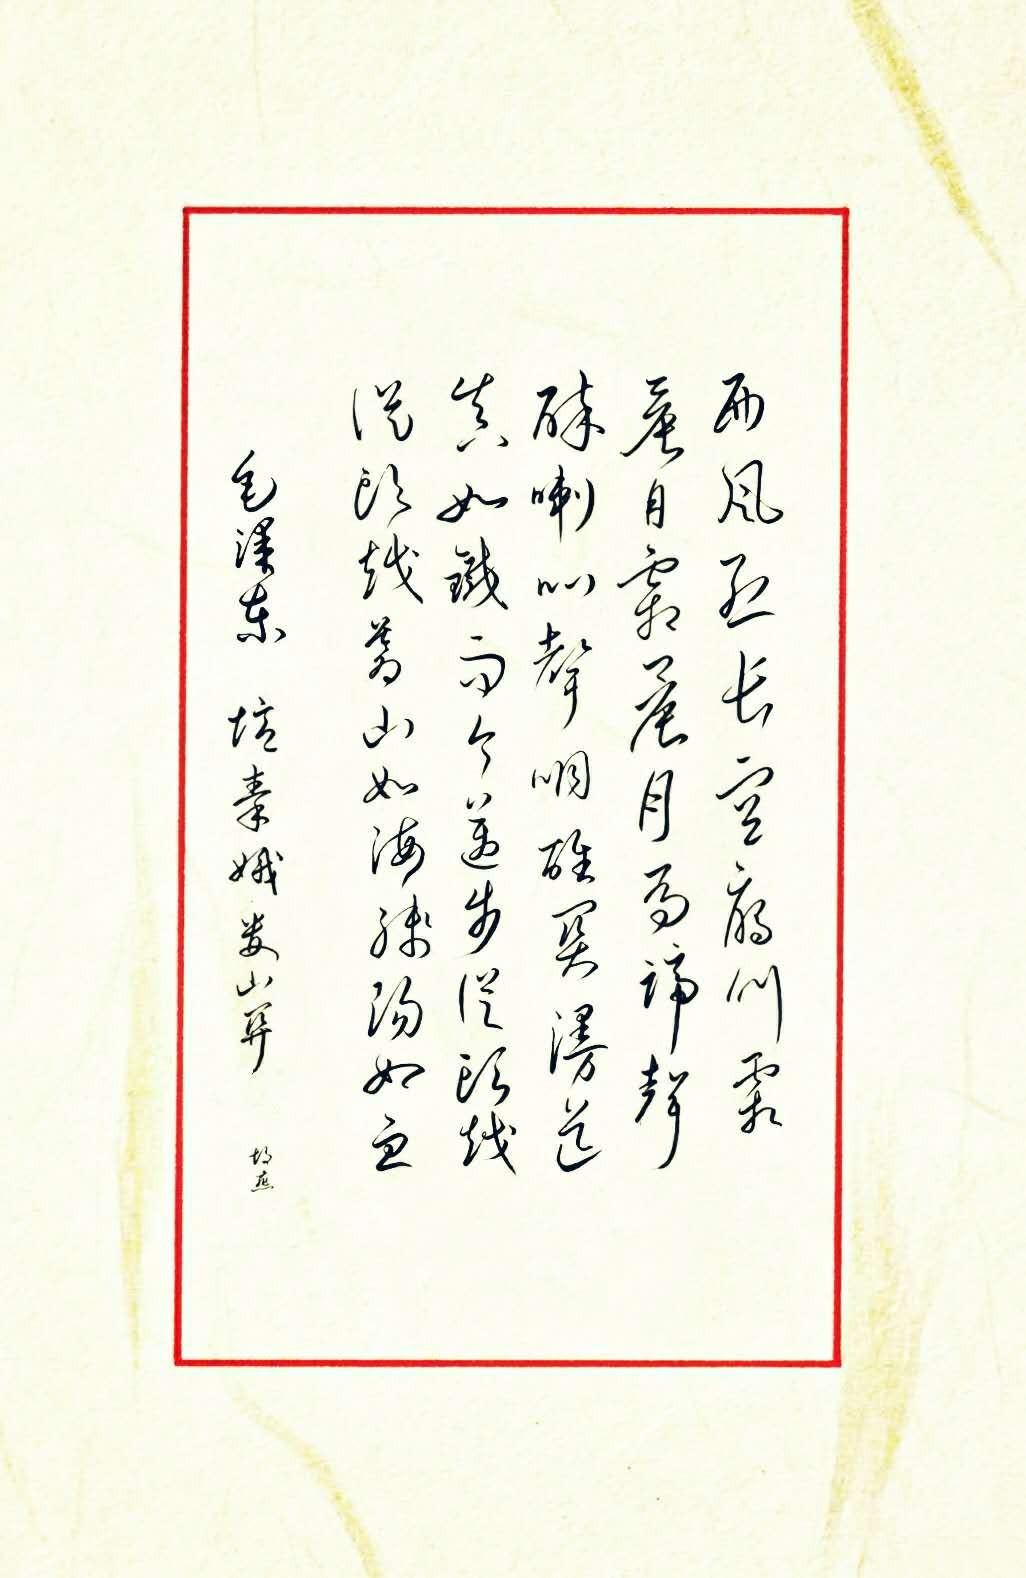 钢笔字练字打卡20201013-01